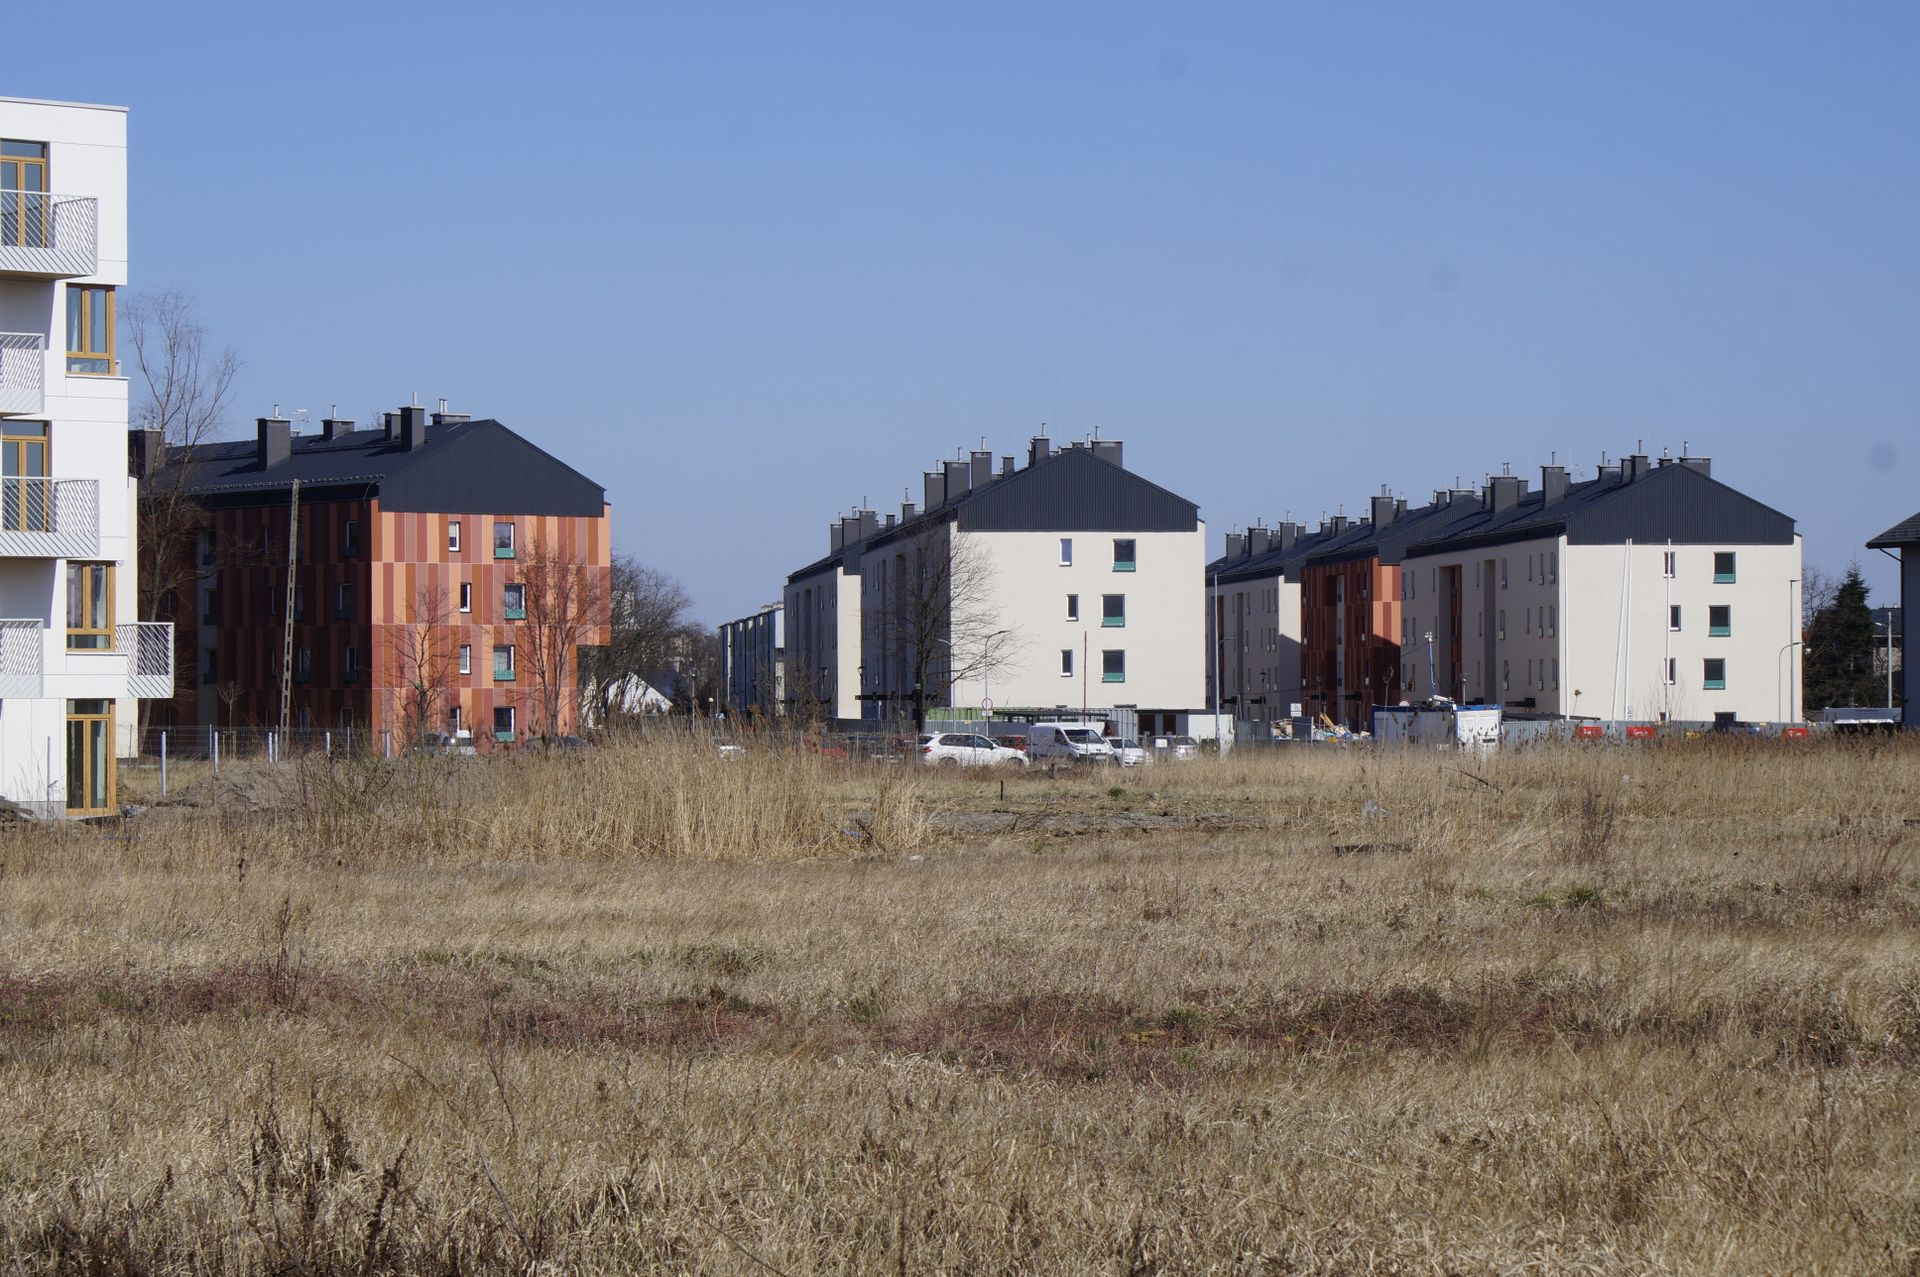 Kraków: Osiedle mieszkaniowe Przyzby-Zalesie gotowe. Oddano 5 kolejnych budynków